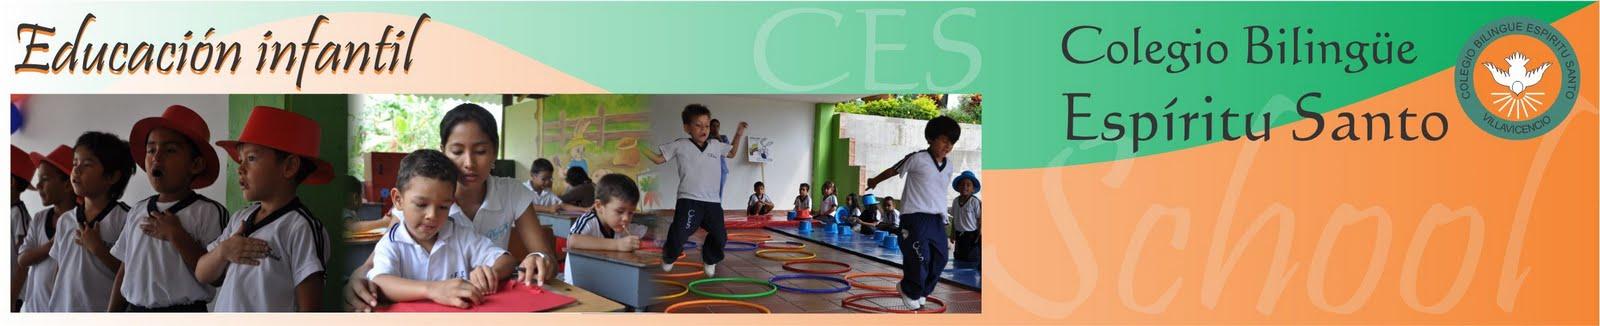 Educacion infantil CES